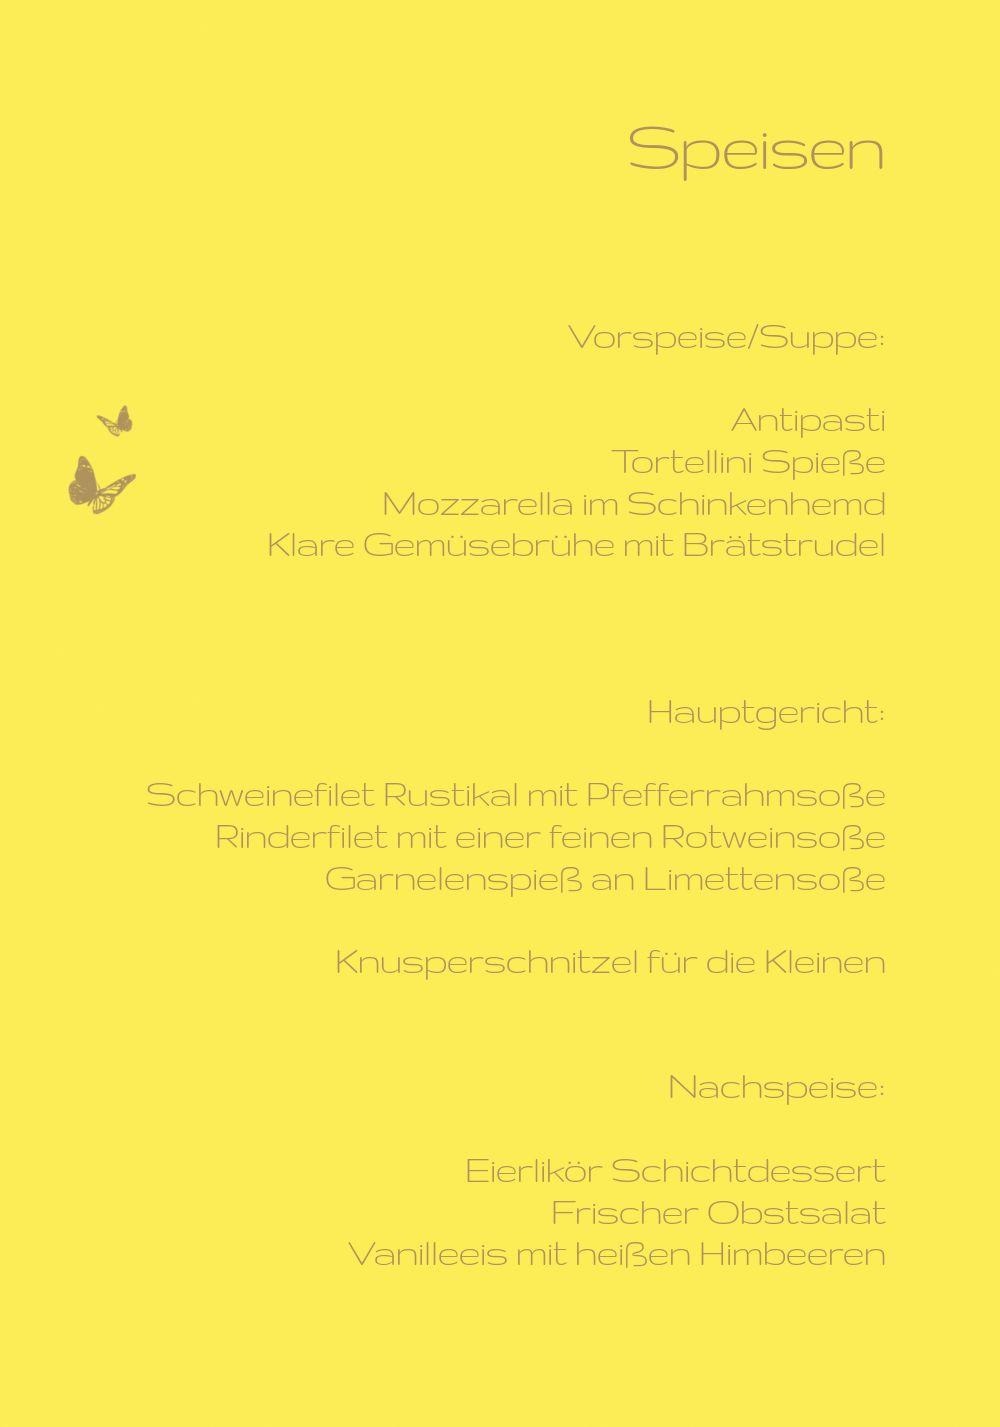 Ansicht 5 - Konfirmation Menükarte Butterfly